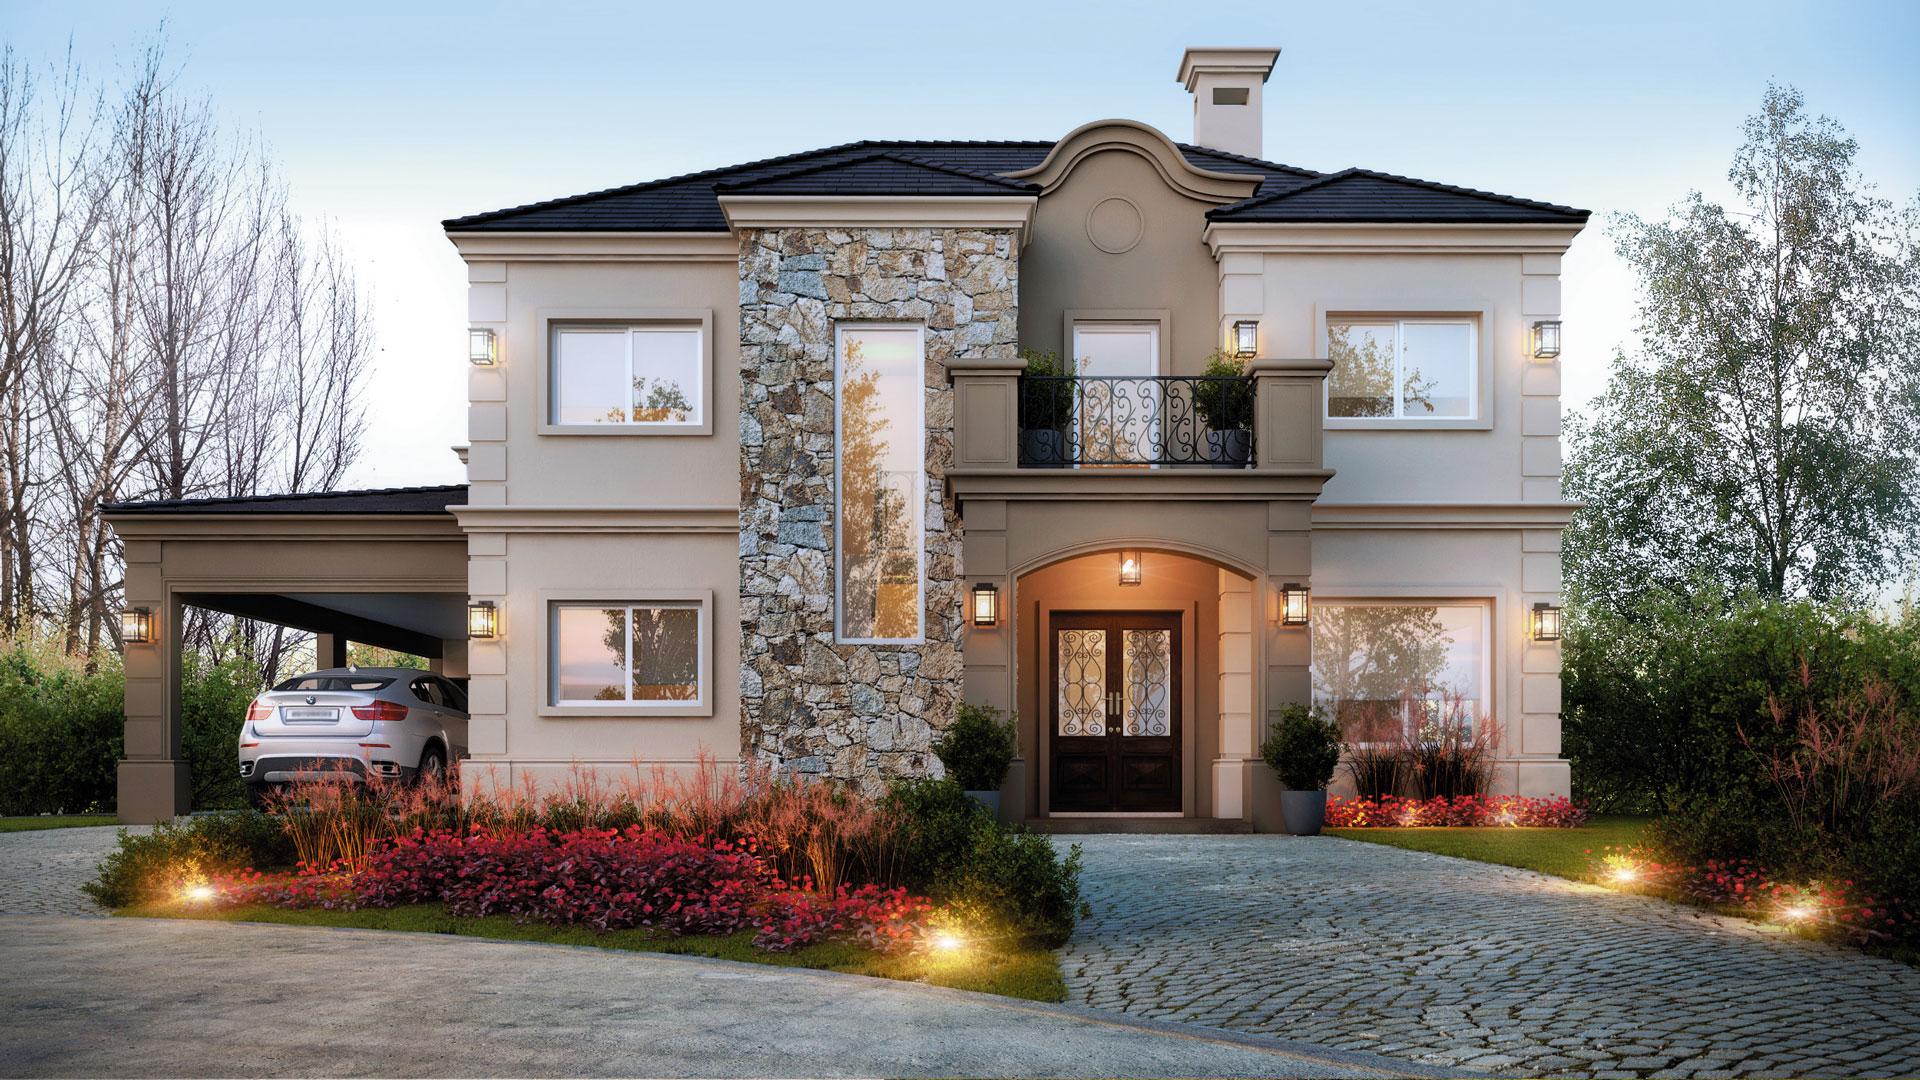 estudio nf y asociados casa estilo cl sico moderno